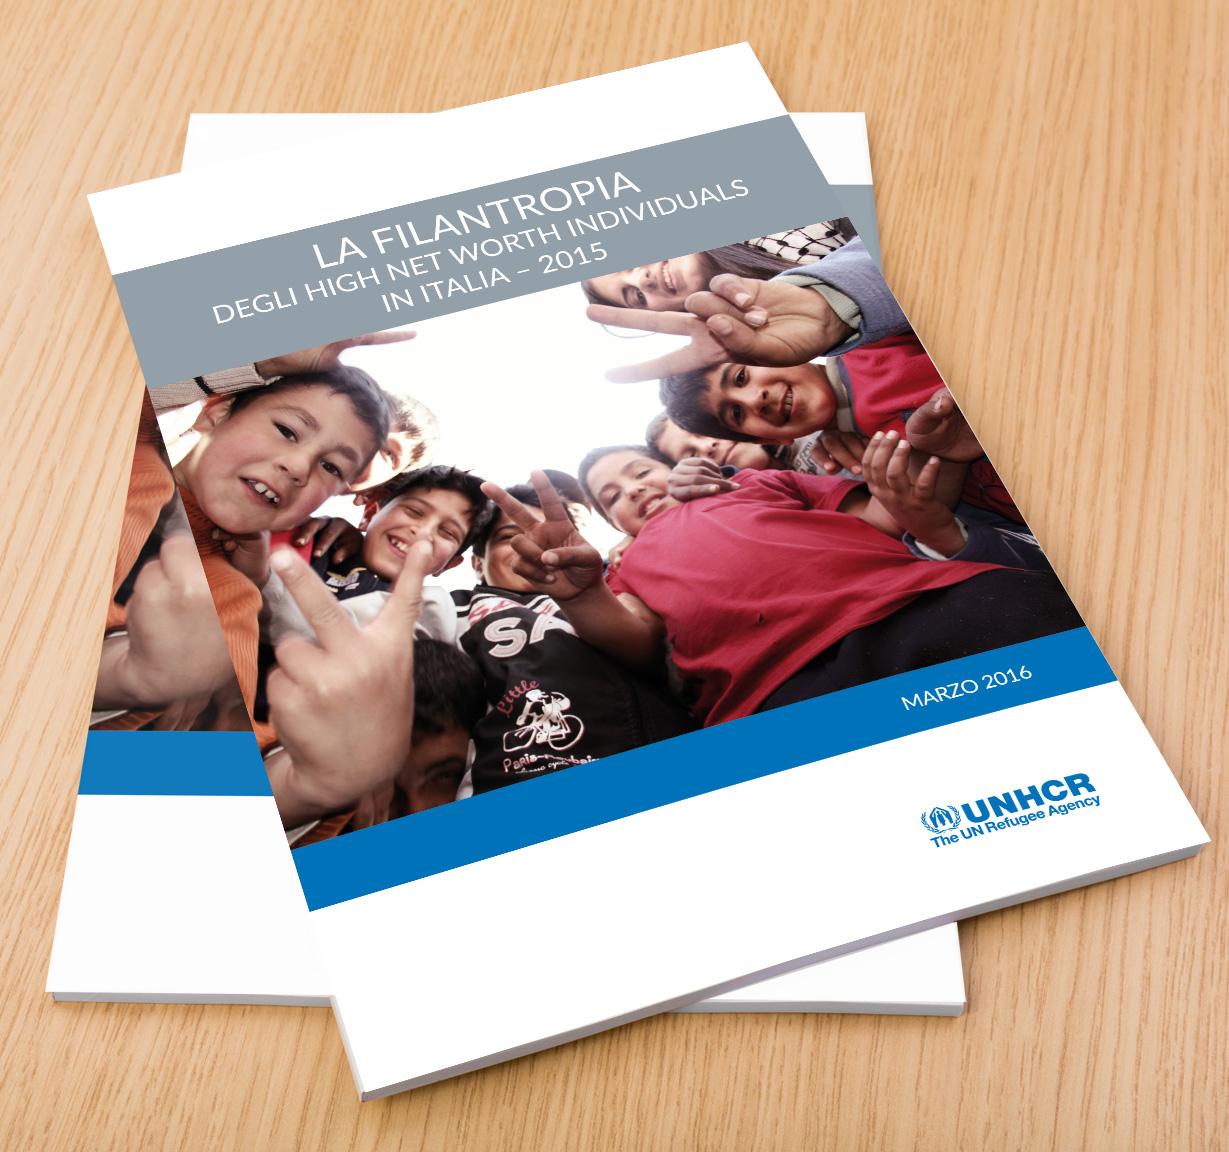 UNHCR ricerca sulla filantropia 2015